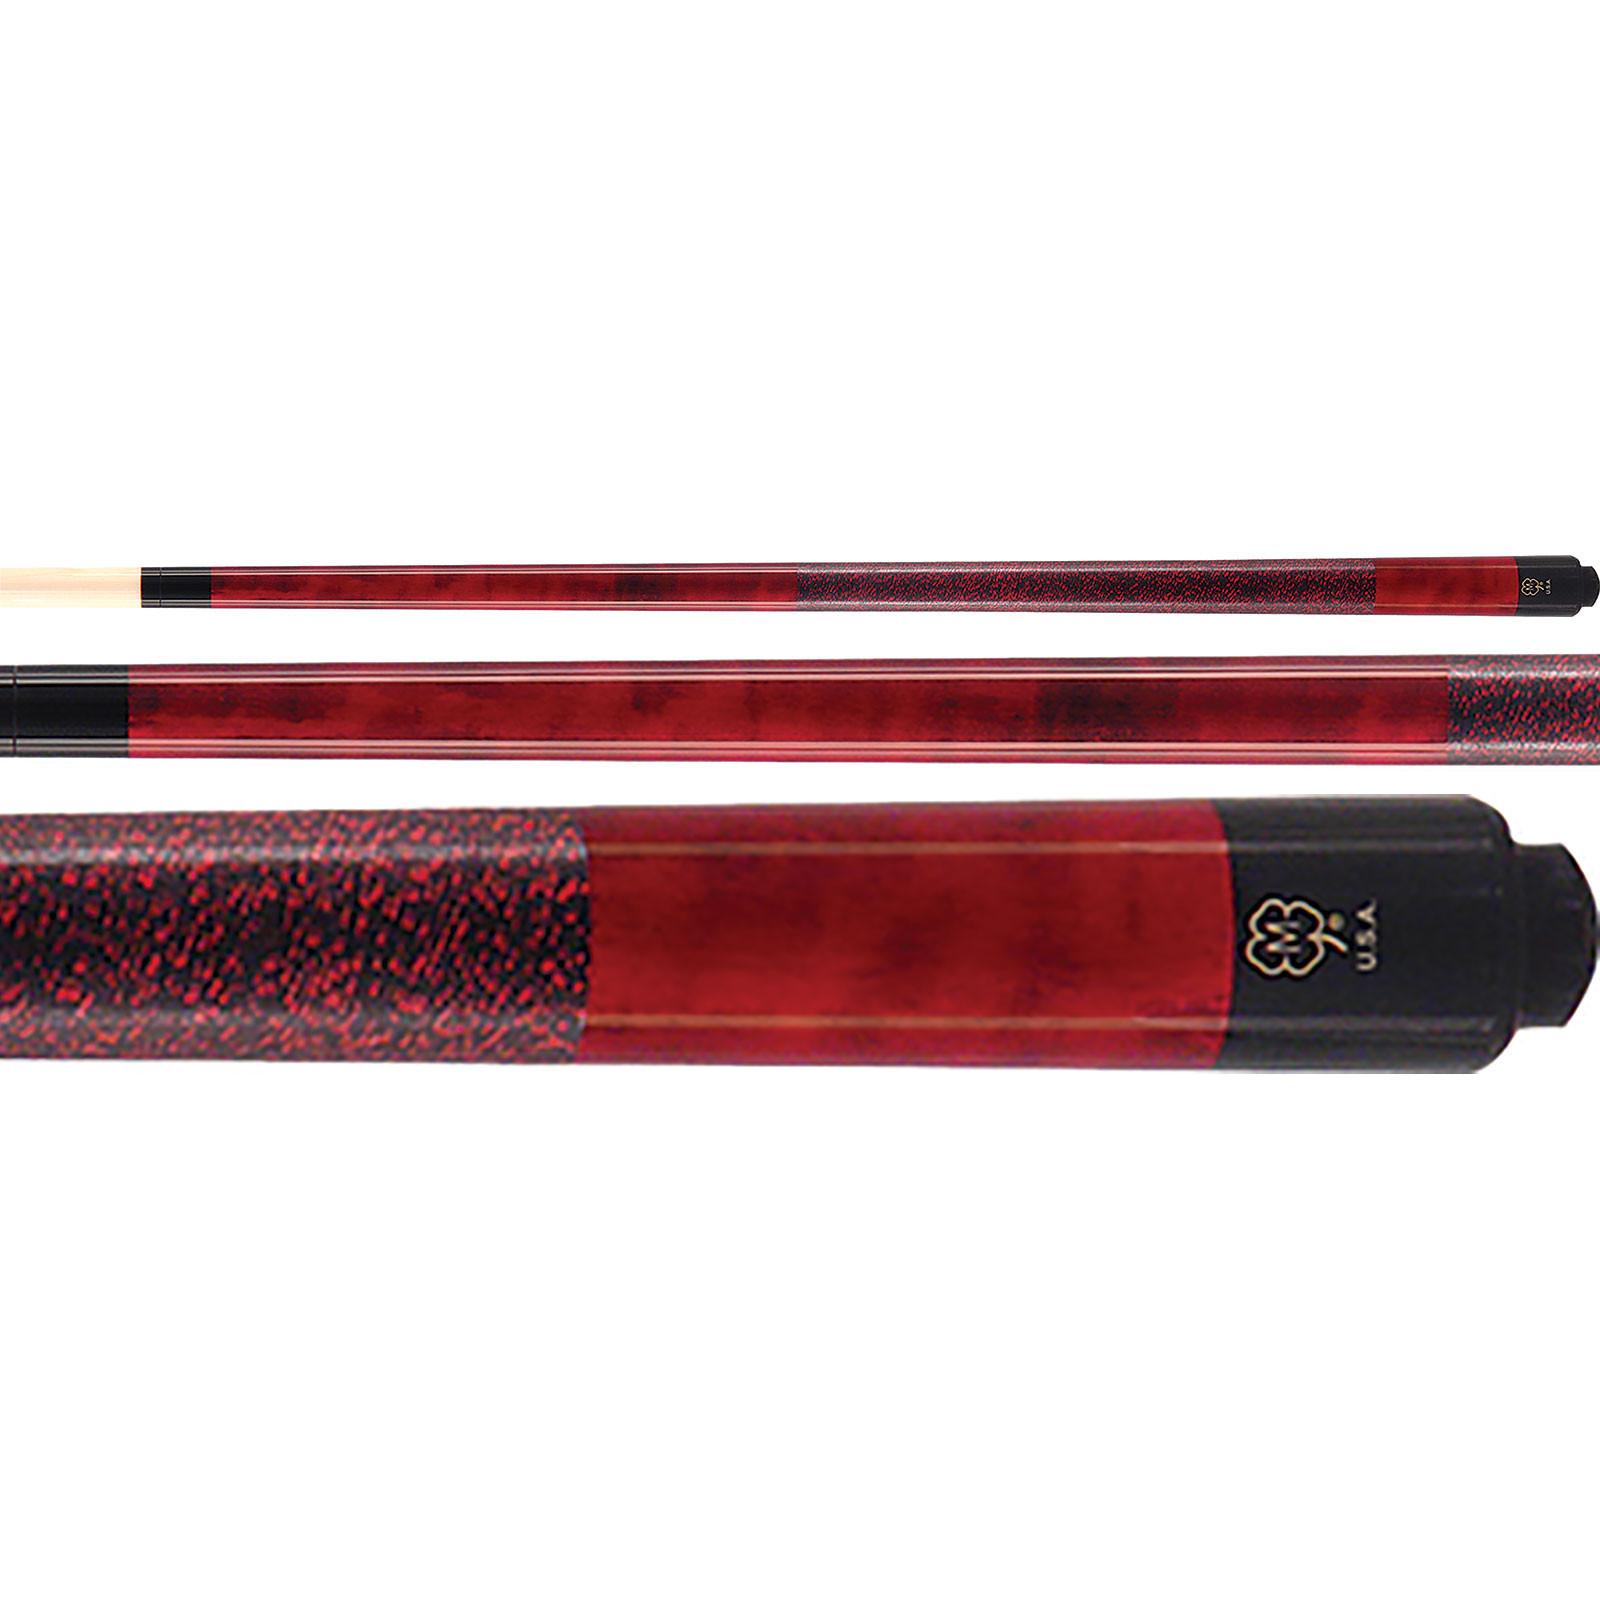 McDermott GS03 GS-Series Burgundy Red Pool Cue